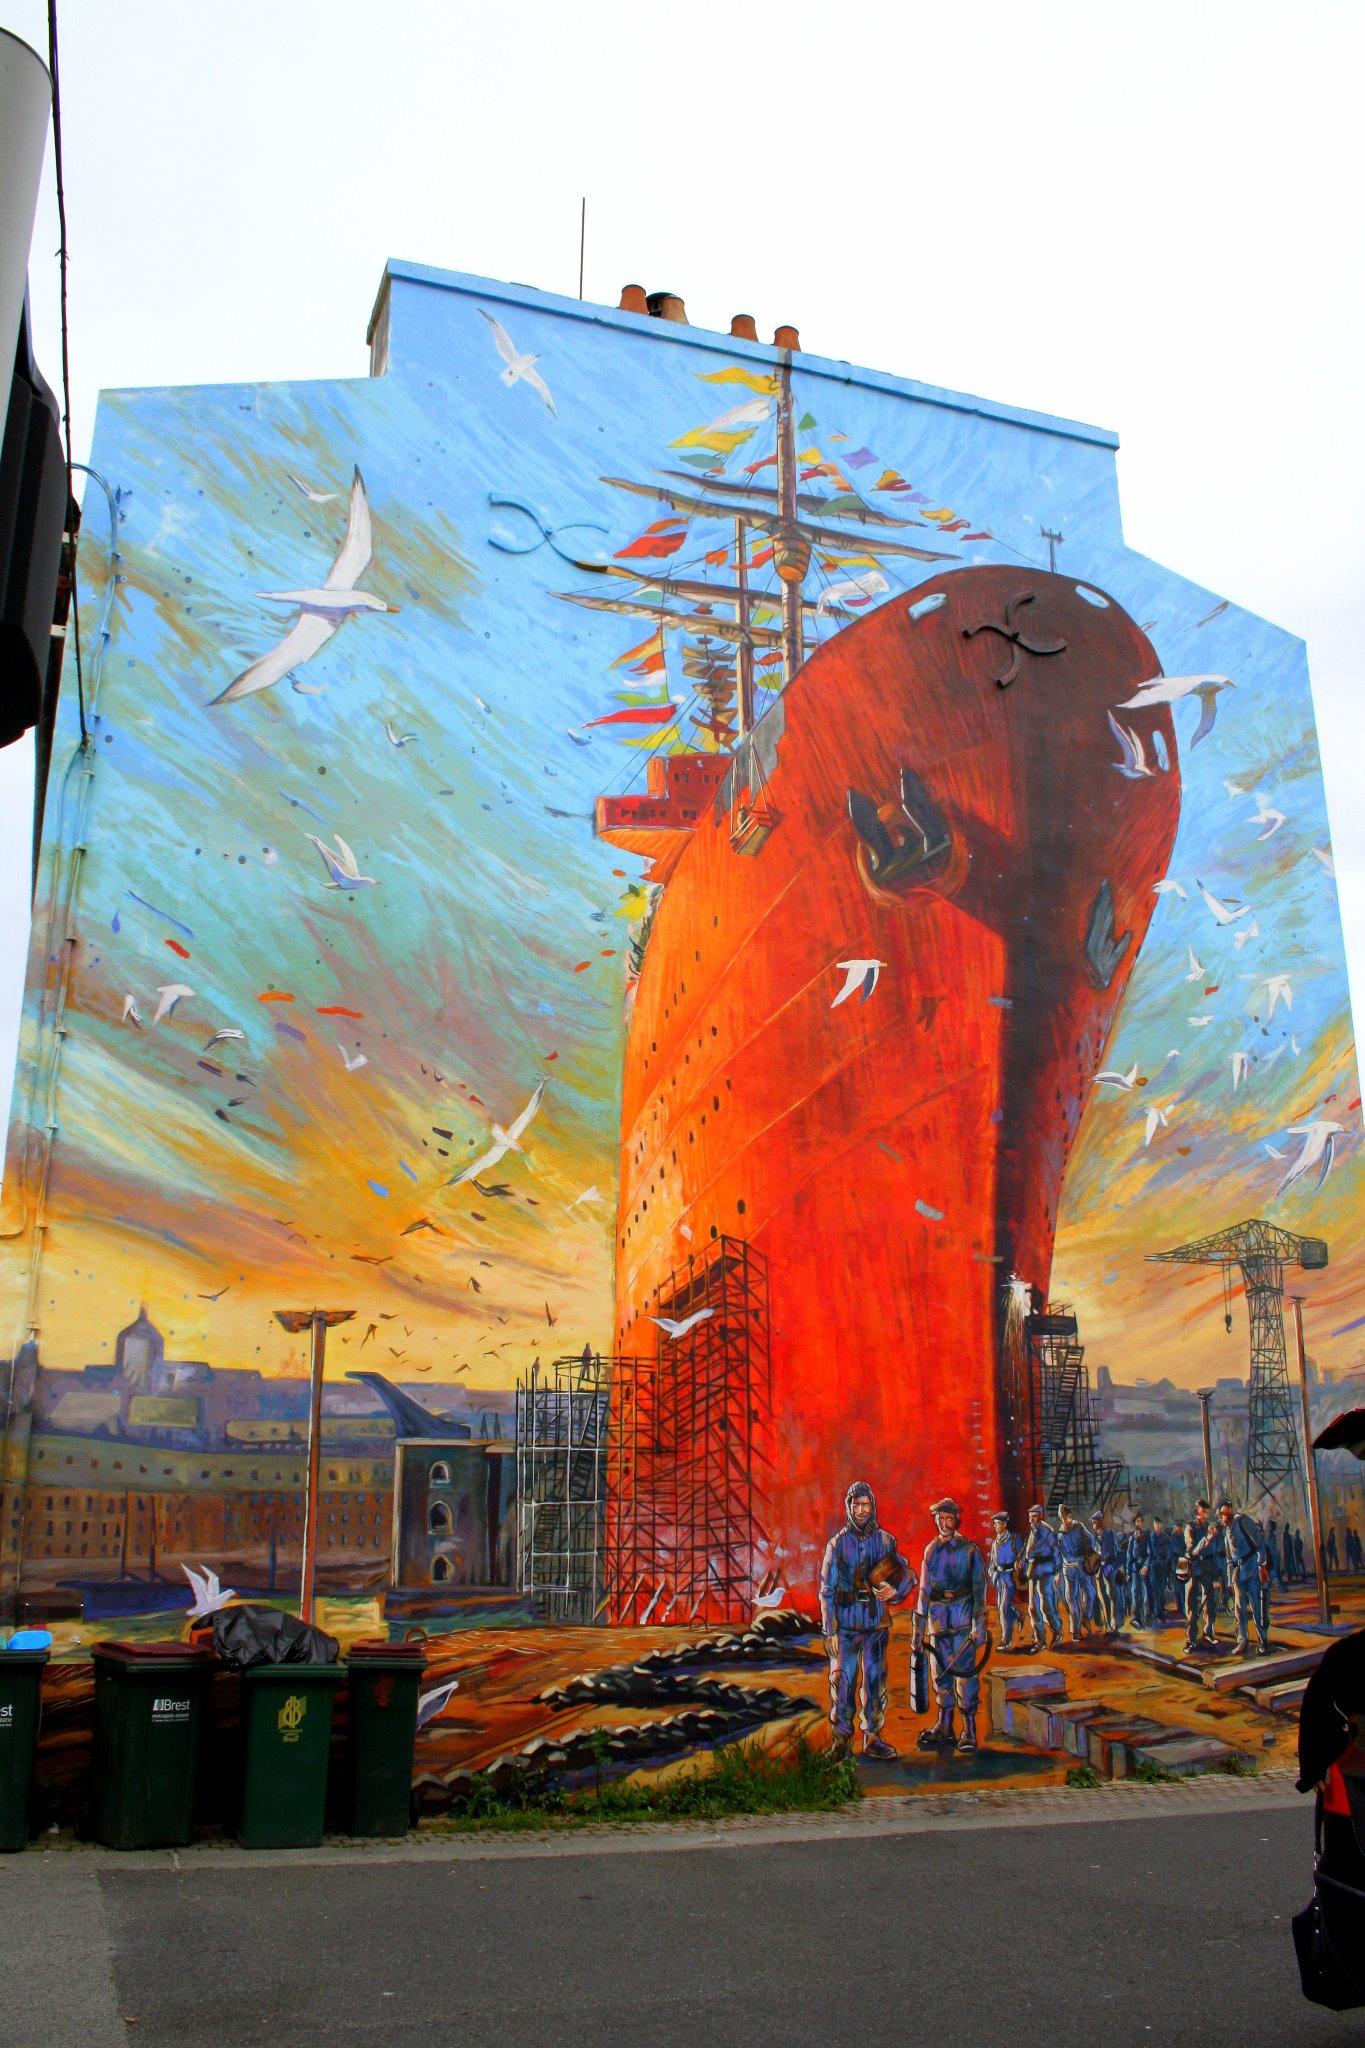 Street Art from Brest, France